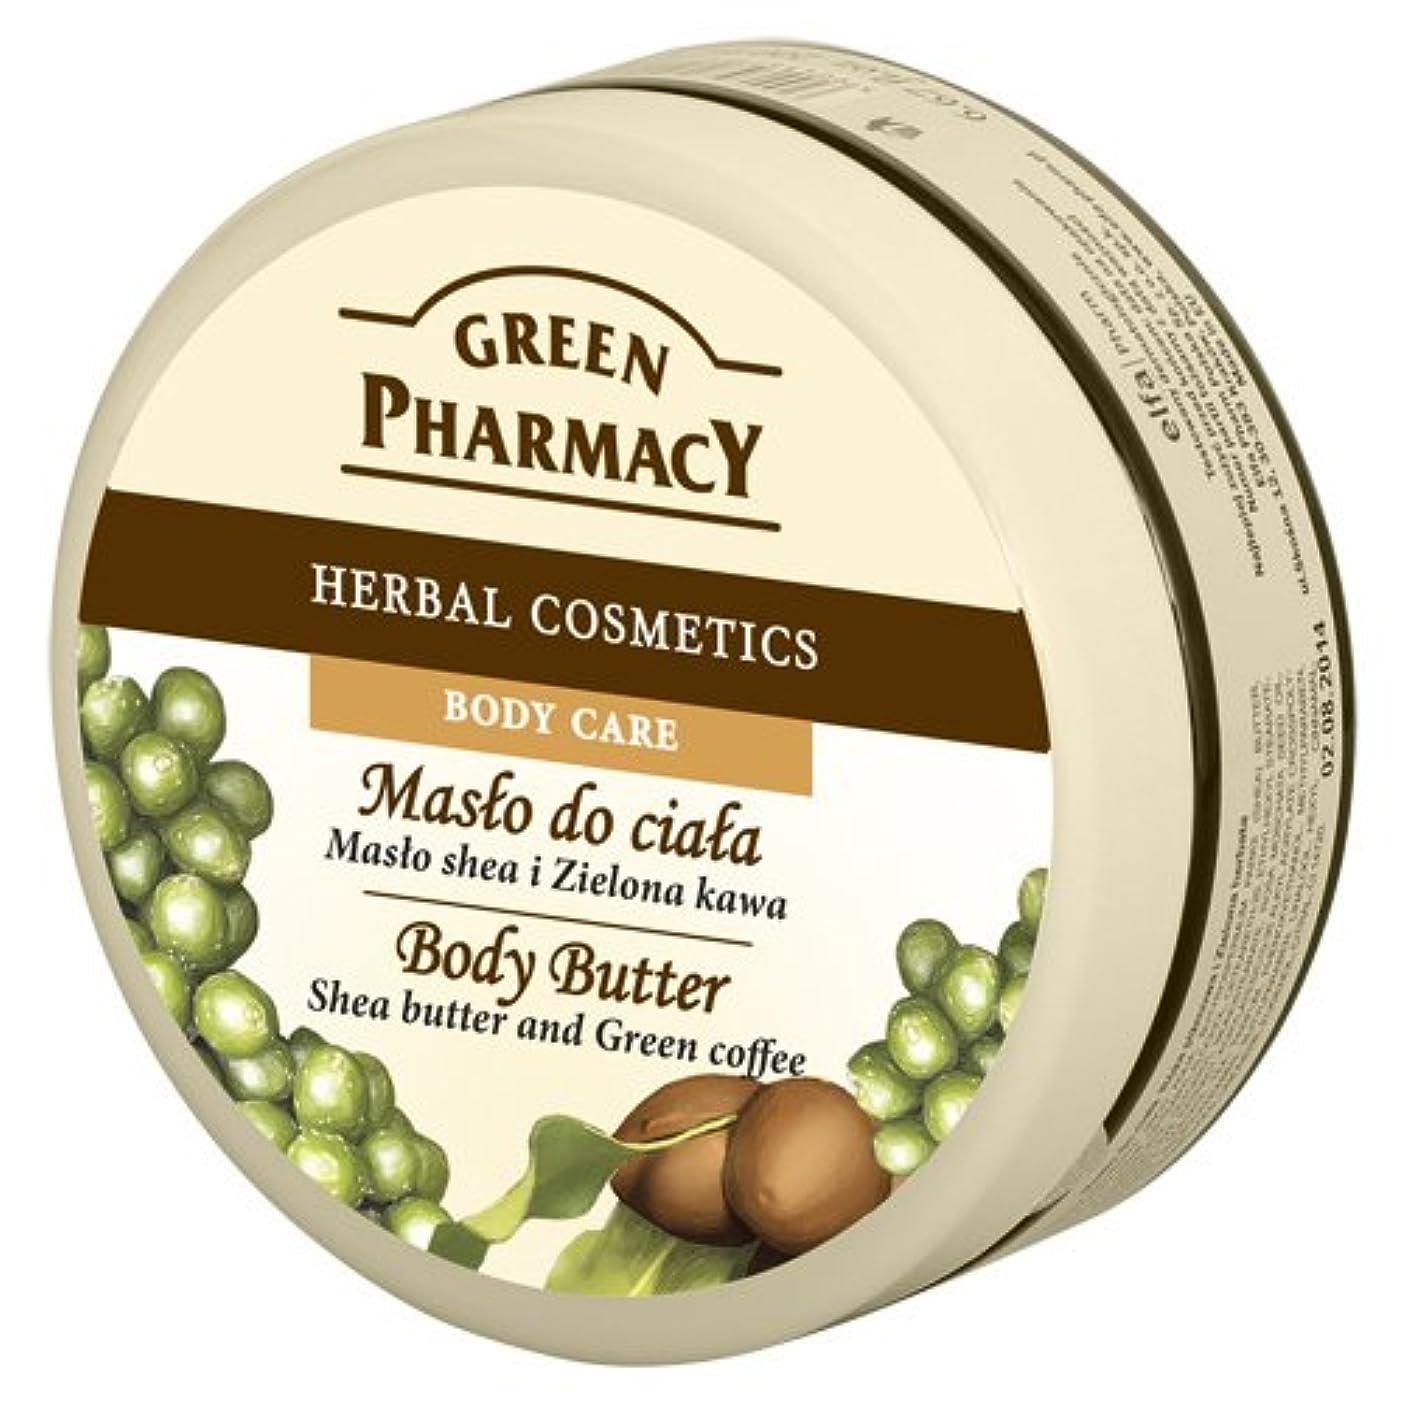 ネーピア生きる無能Elfa Pharm Green Pharmacy グリーンファーマシー Body Butter ボディバター Shea Butter and Green Coffee